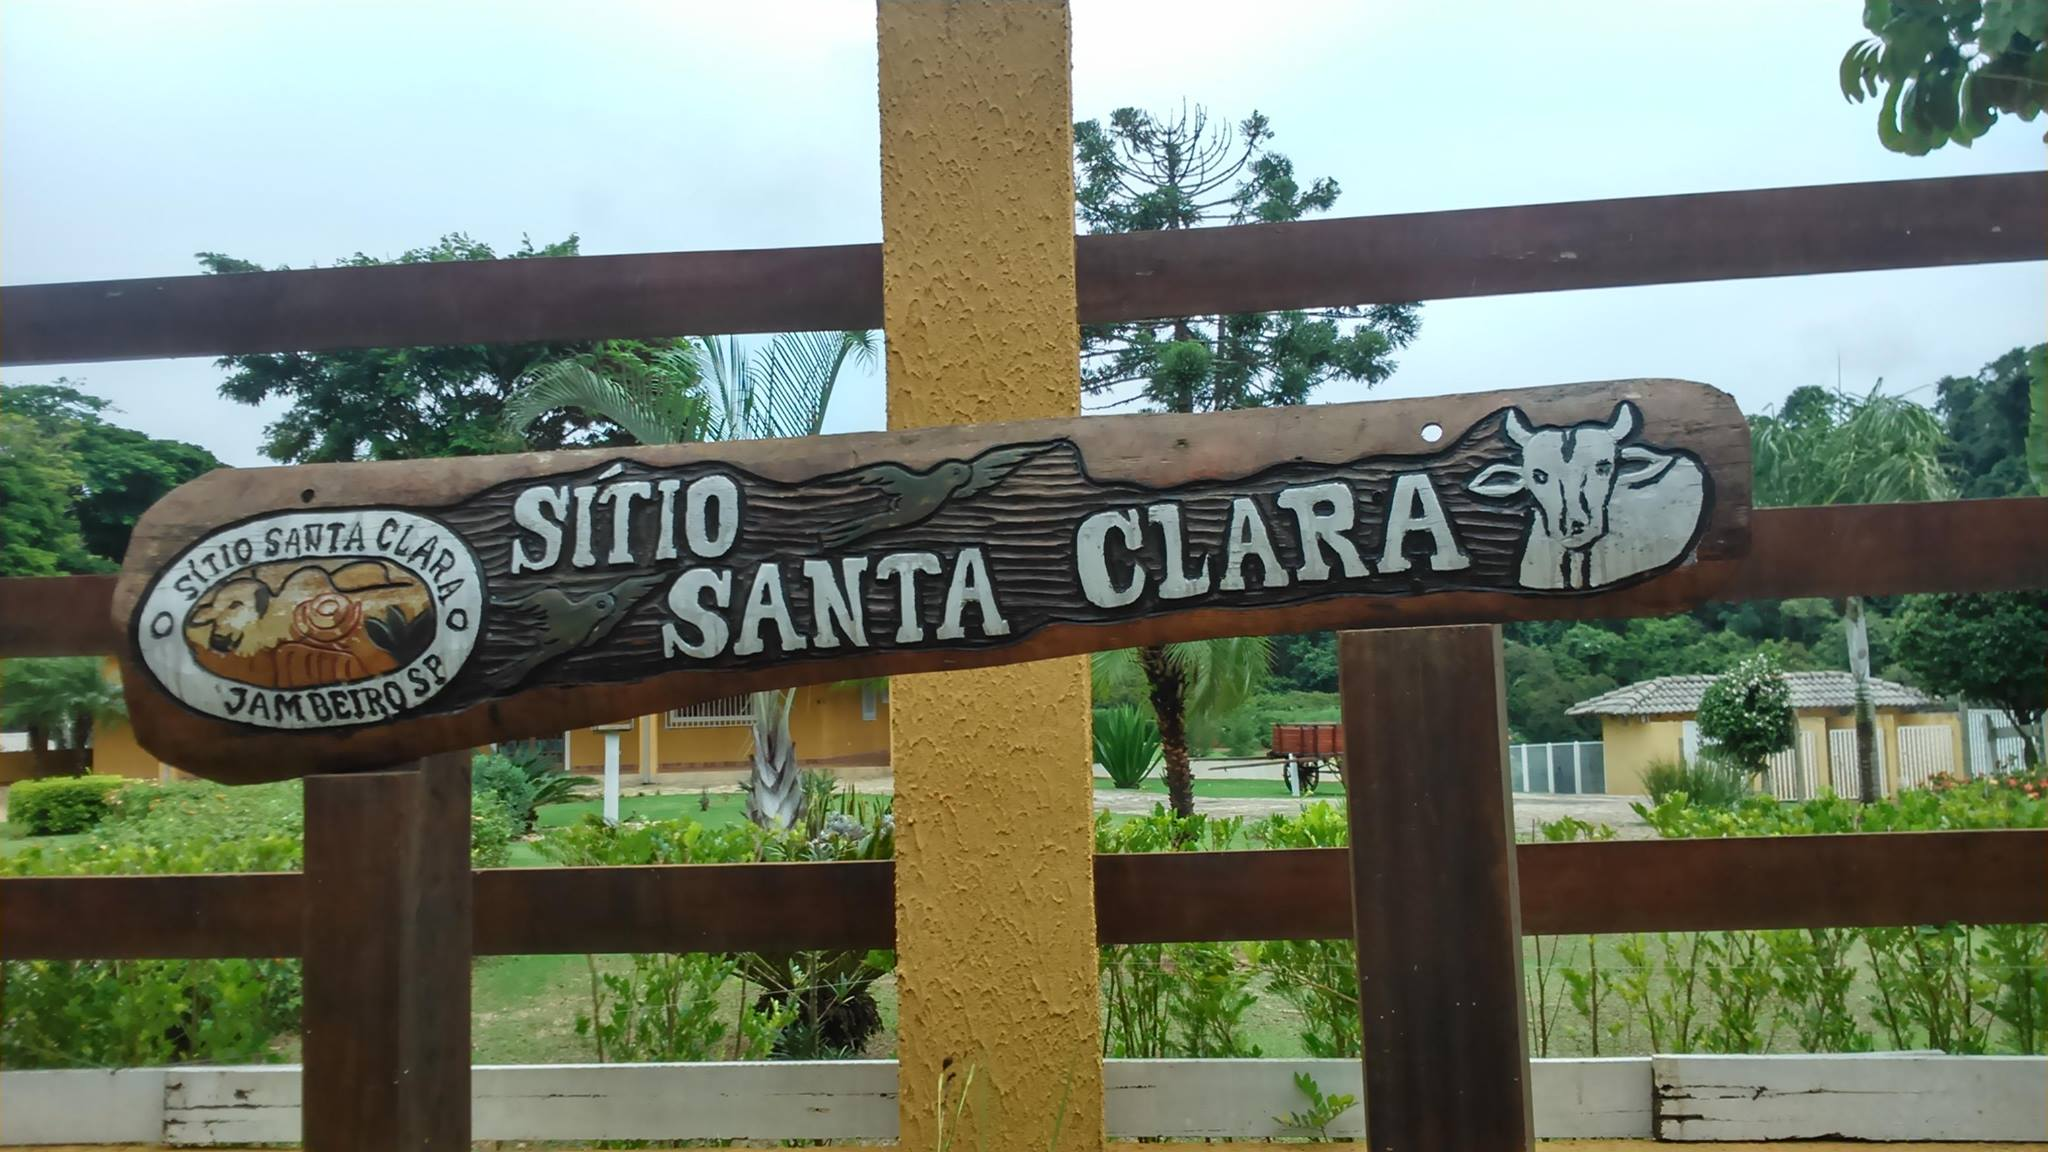 Sitio Santa Clara Jambeiro 1